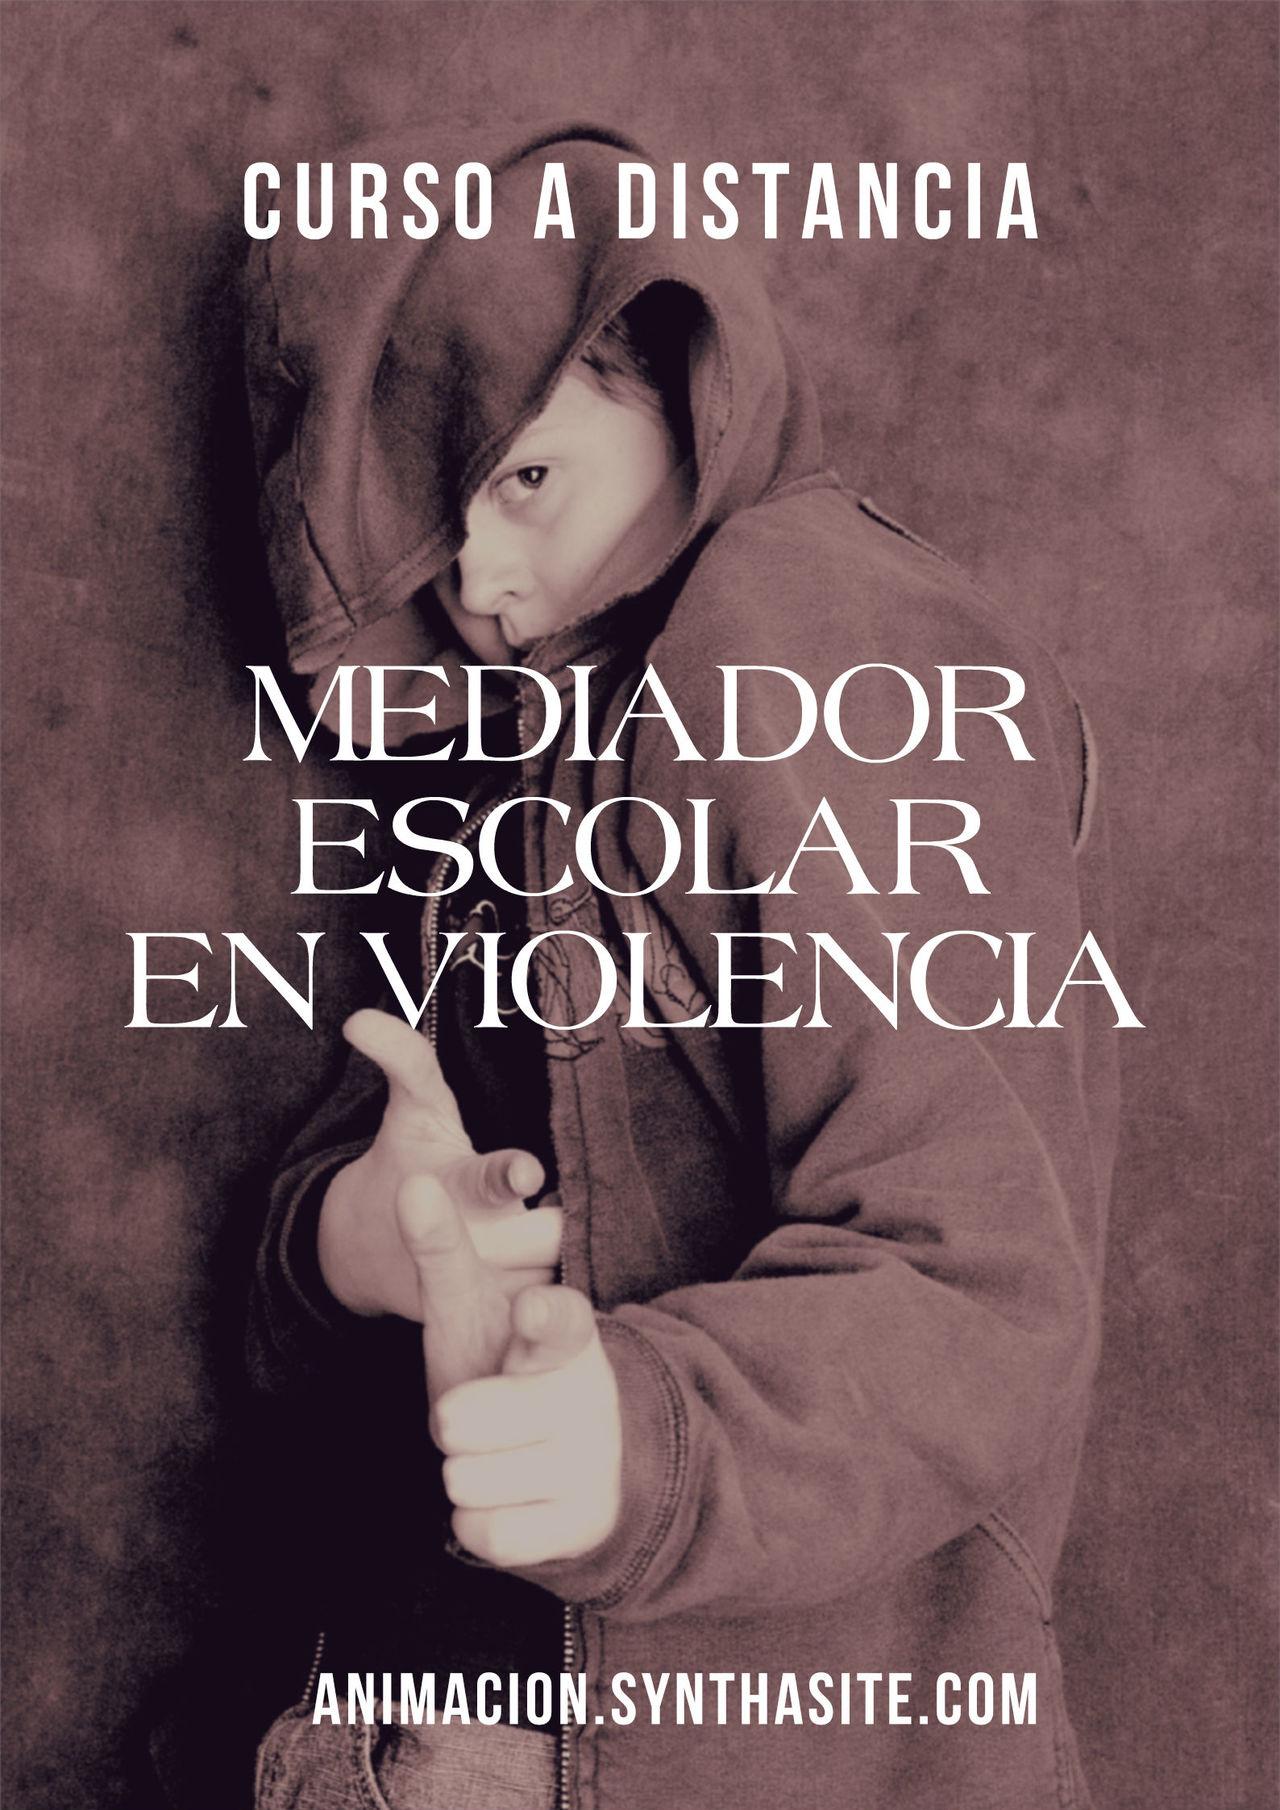 Curso Mediador Escolar en Violencia - bullying- a distancia toda España para maestras, educadores, profesores Acoso Bullying Cursos Educadores Escuela Maestras Maltrato Profesorad Profesores Violencia